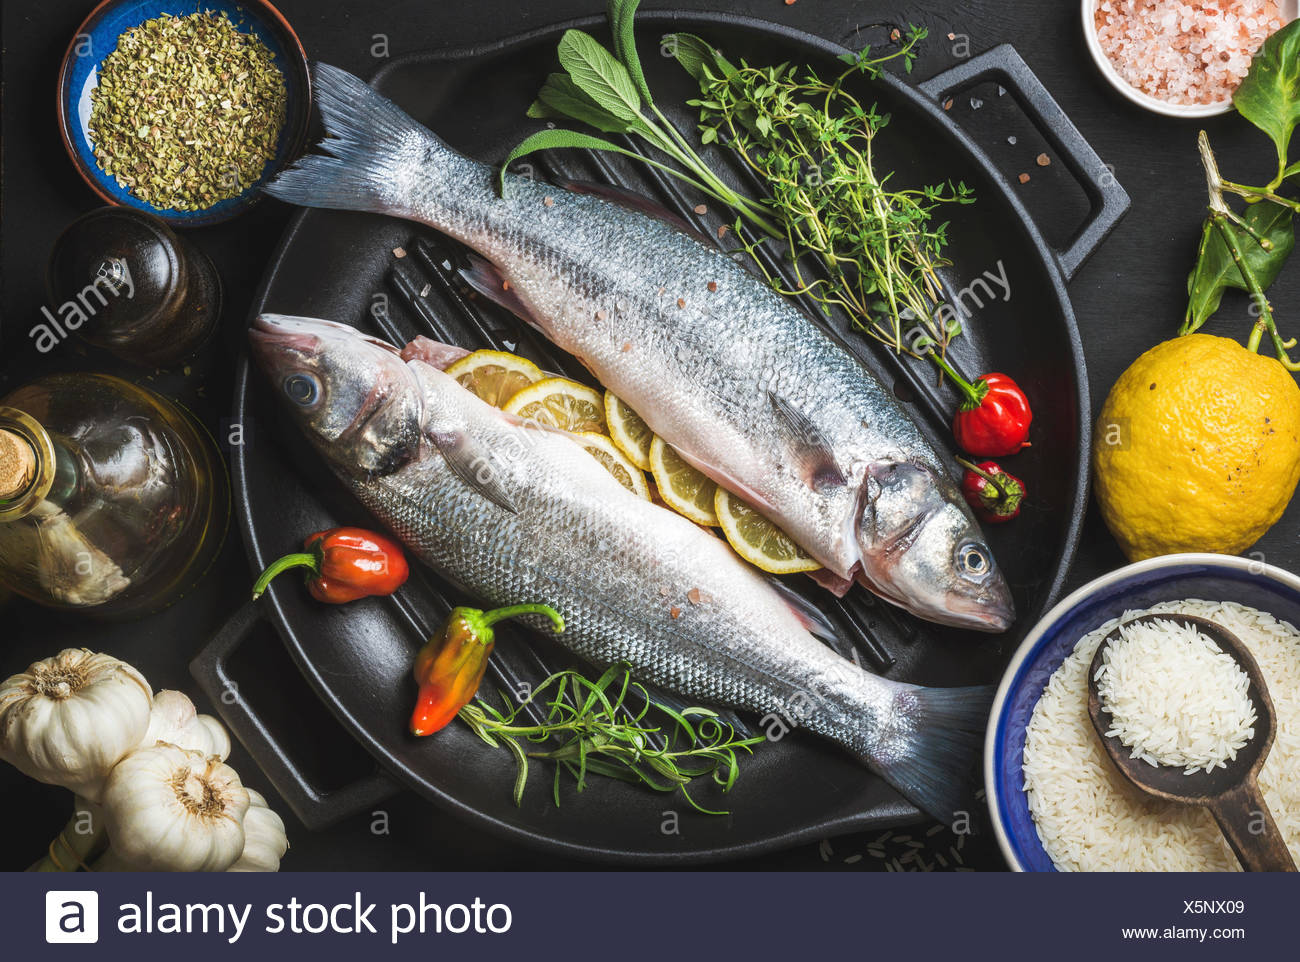 Ingrédients pour cookig dîner de poissons en bonne santé. Le bar cru cru poisson avec du riz, de citron, d'herbes et d'épices sur le gril noir fer à repasser Photo Stock